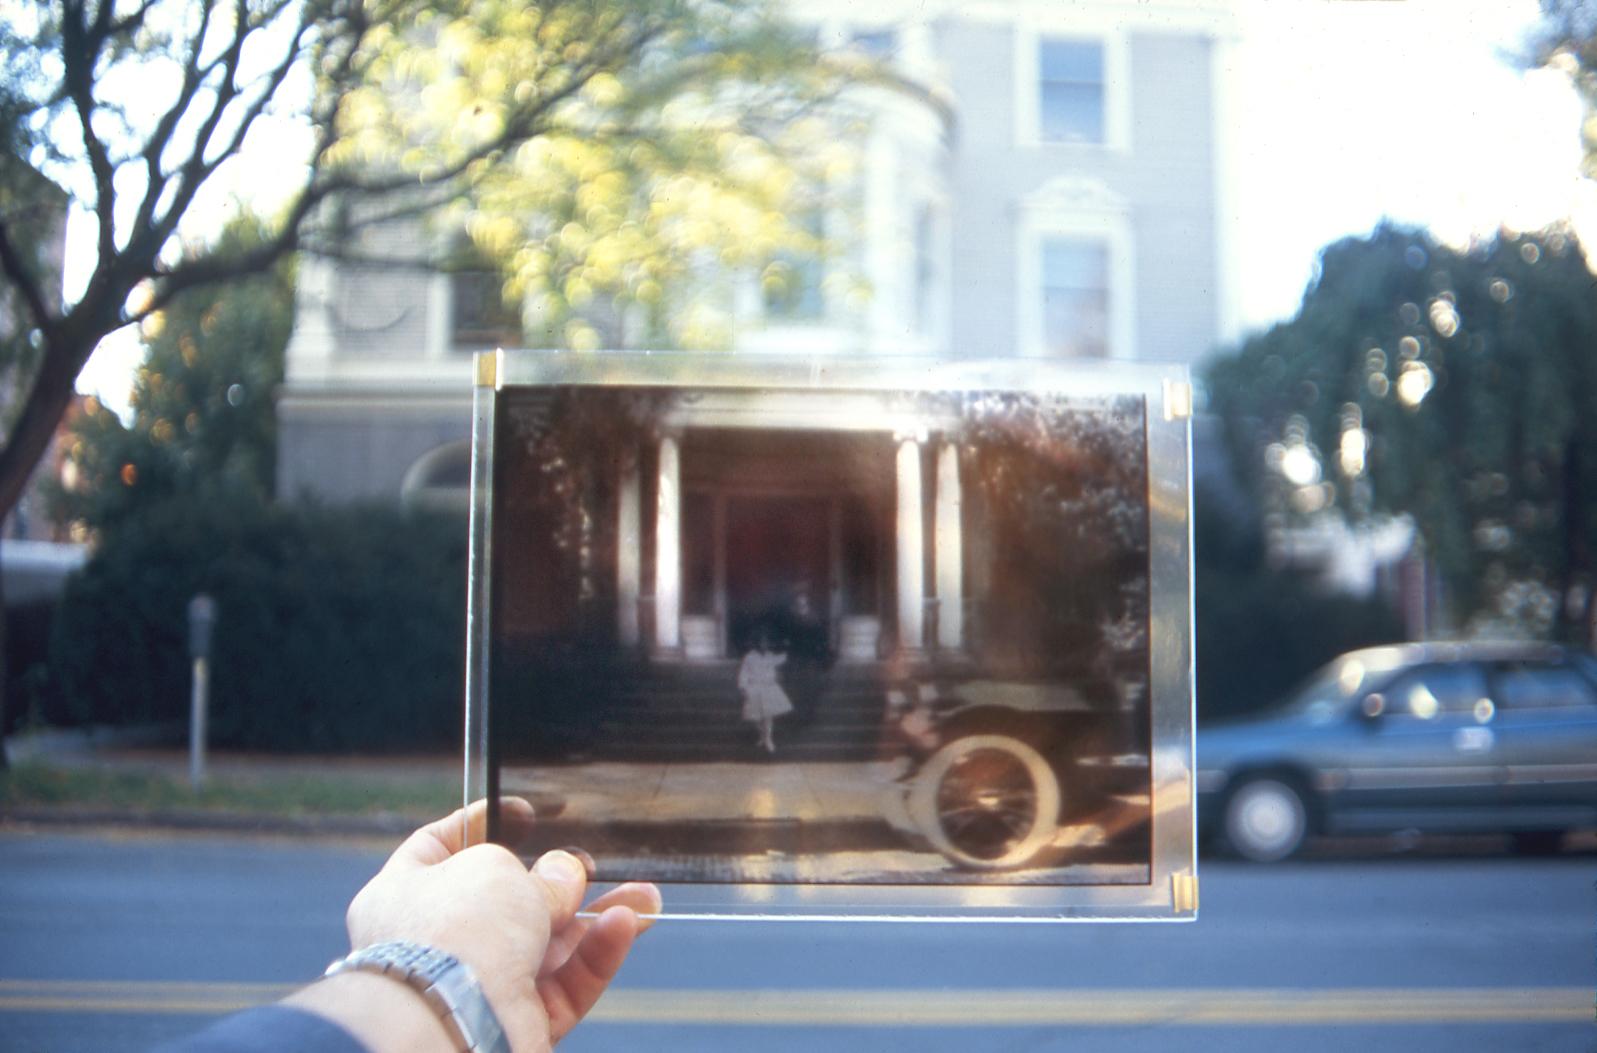 01 Williams house film still alteration.jpg